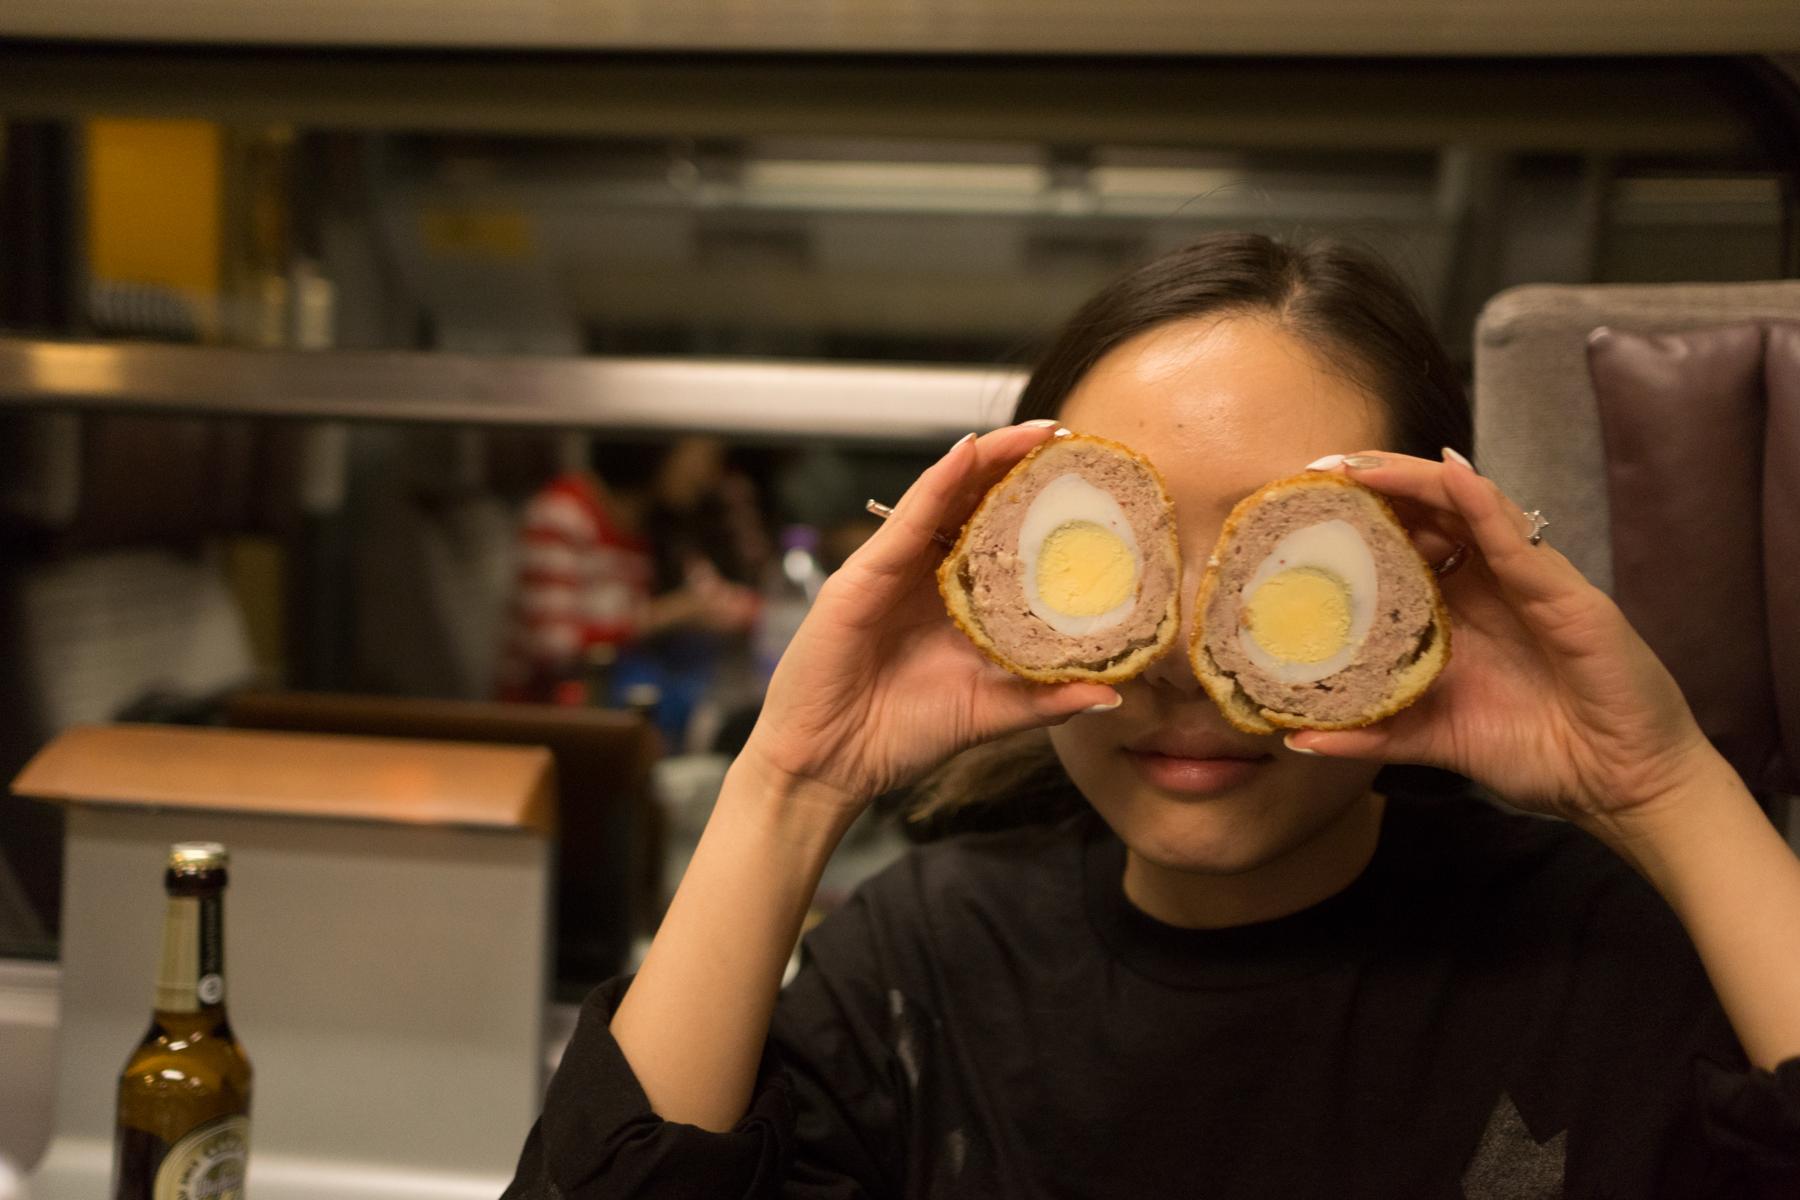 Easter-best-egg-dishes-poached-scrambled-soft-boiled-omelet-fried-deviled-yolks-32